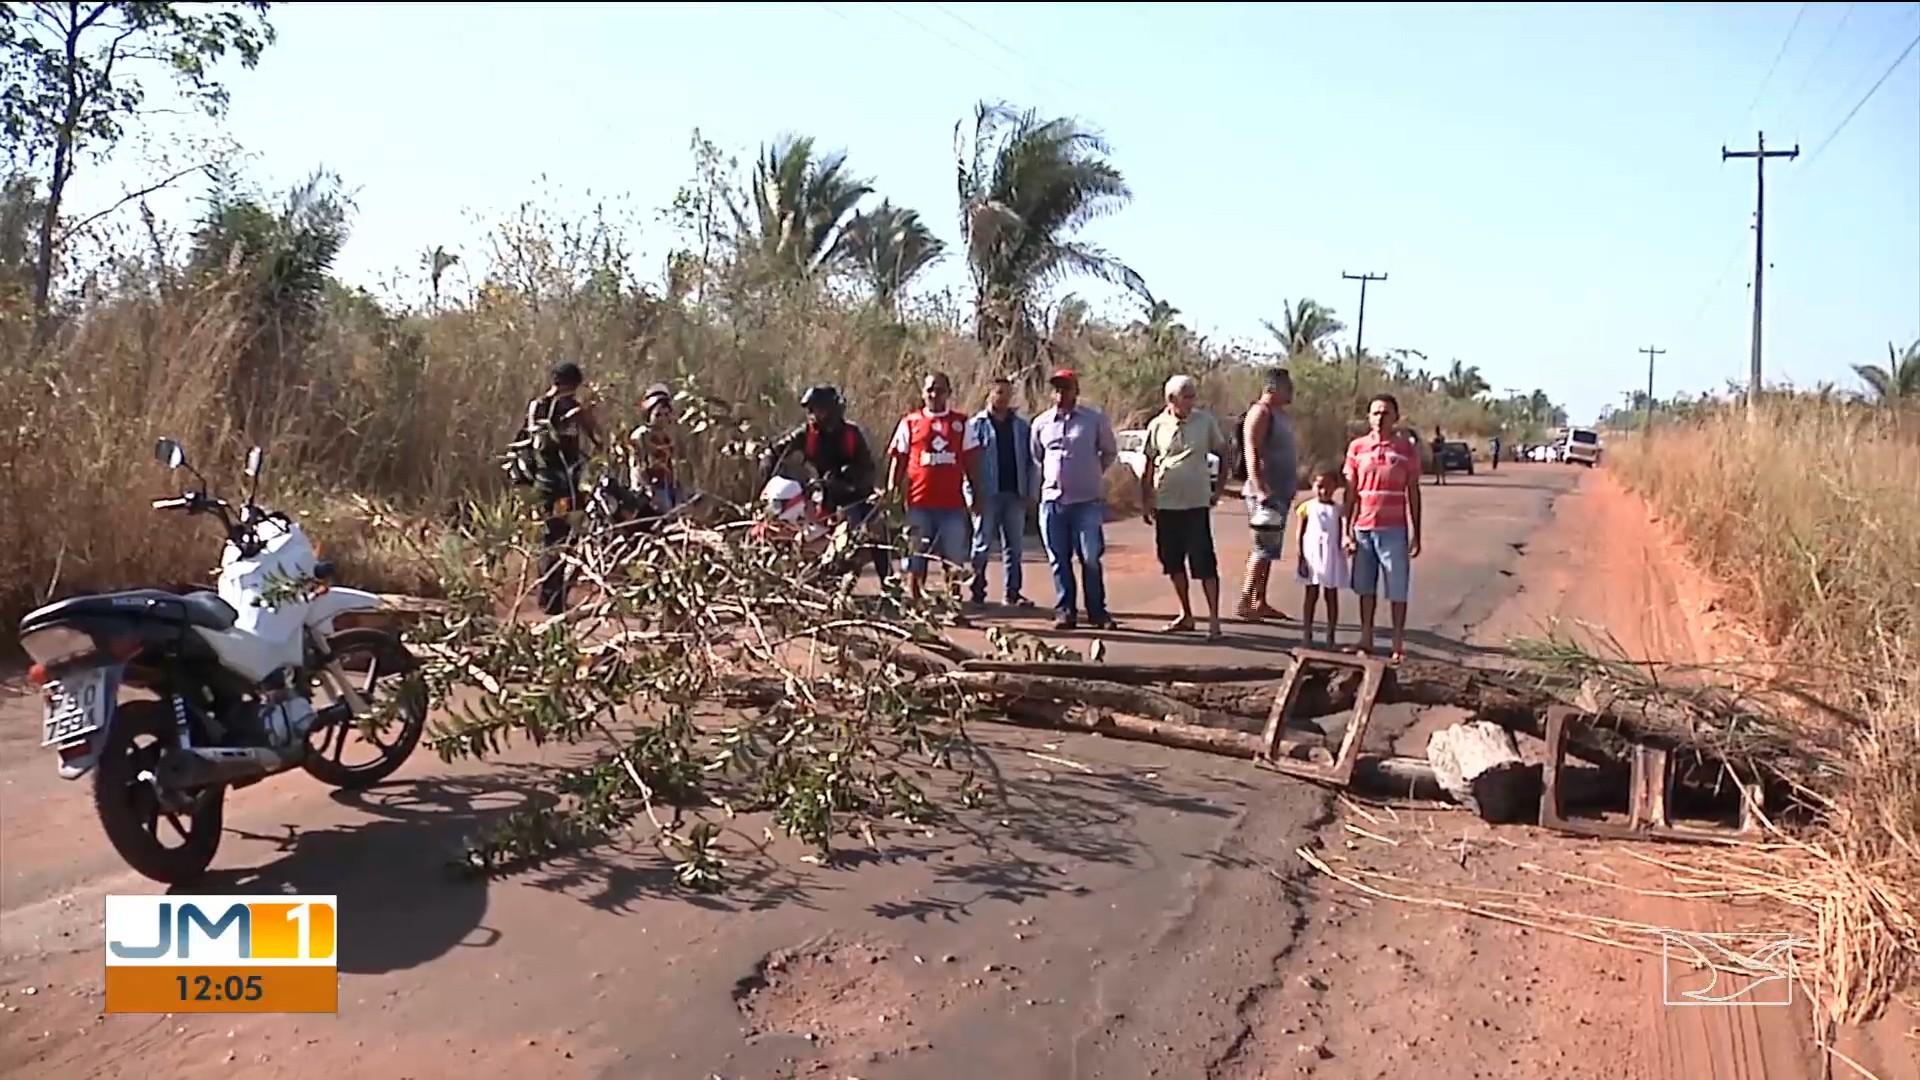 Manifestantes bloqueiam e fazem protesto na MA-026 em Codó - Notícias - Plantão Diário